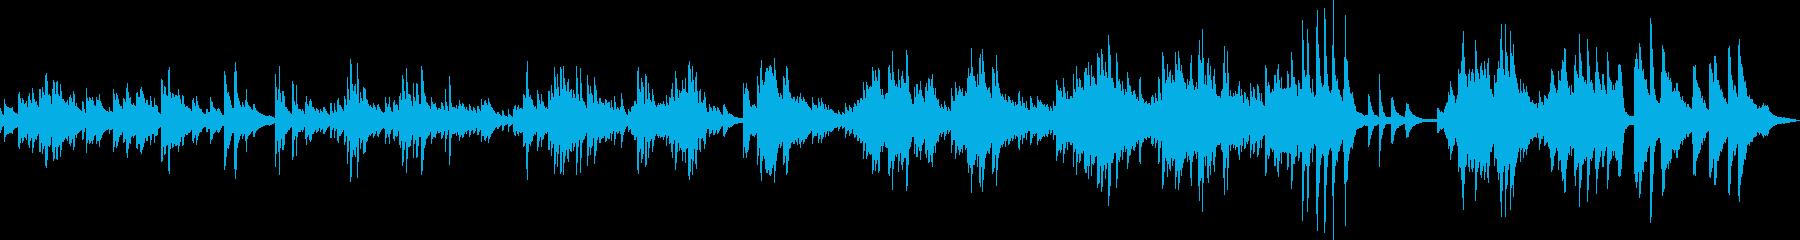 優しくて切ないピアノバラード曲の再生済みの波形